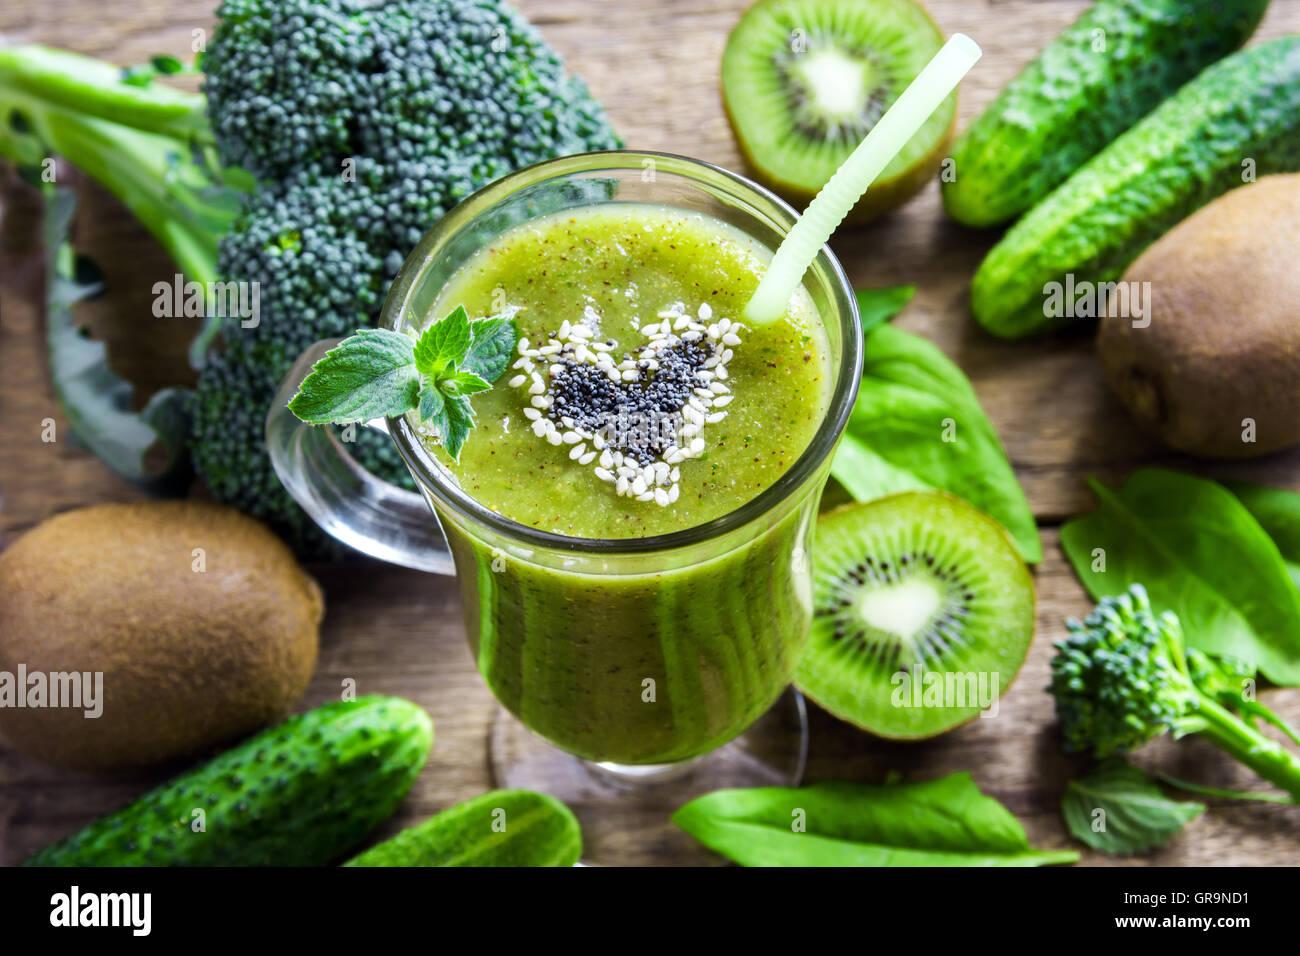 Vegetali verdi ed erbe smoothie con cuore di papavero e semi di sesamo. Amore per un sano cibo crudo concetto. Immagini Stock